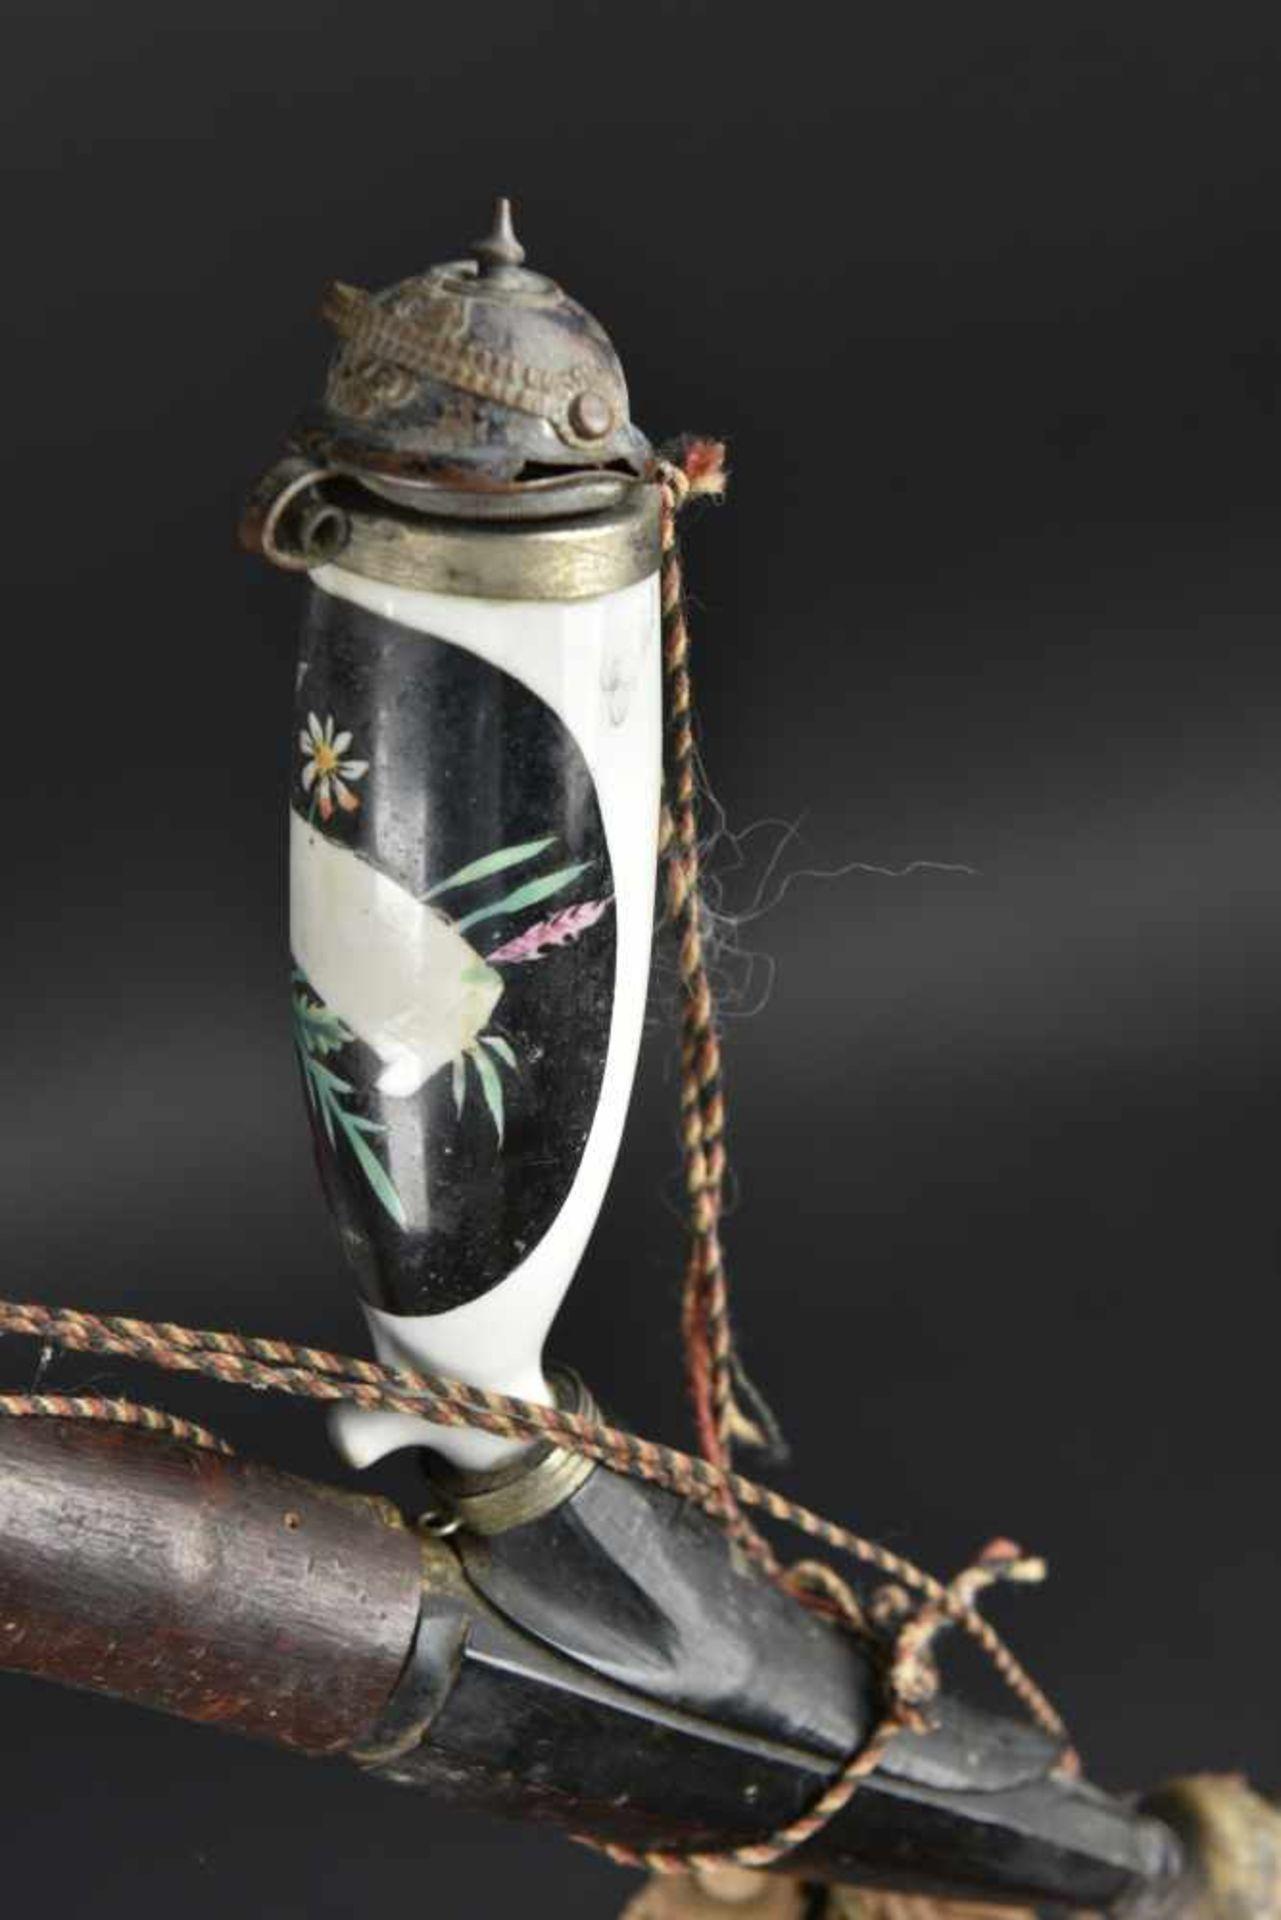 Pipe de réserviste En bois et bois de cerf. Très peu décorée. Cartouches neutralisés décorant une - Bild 2 aus 4